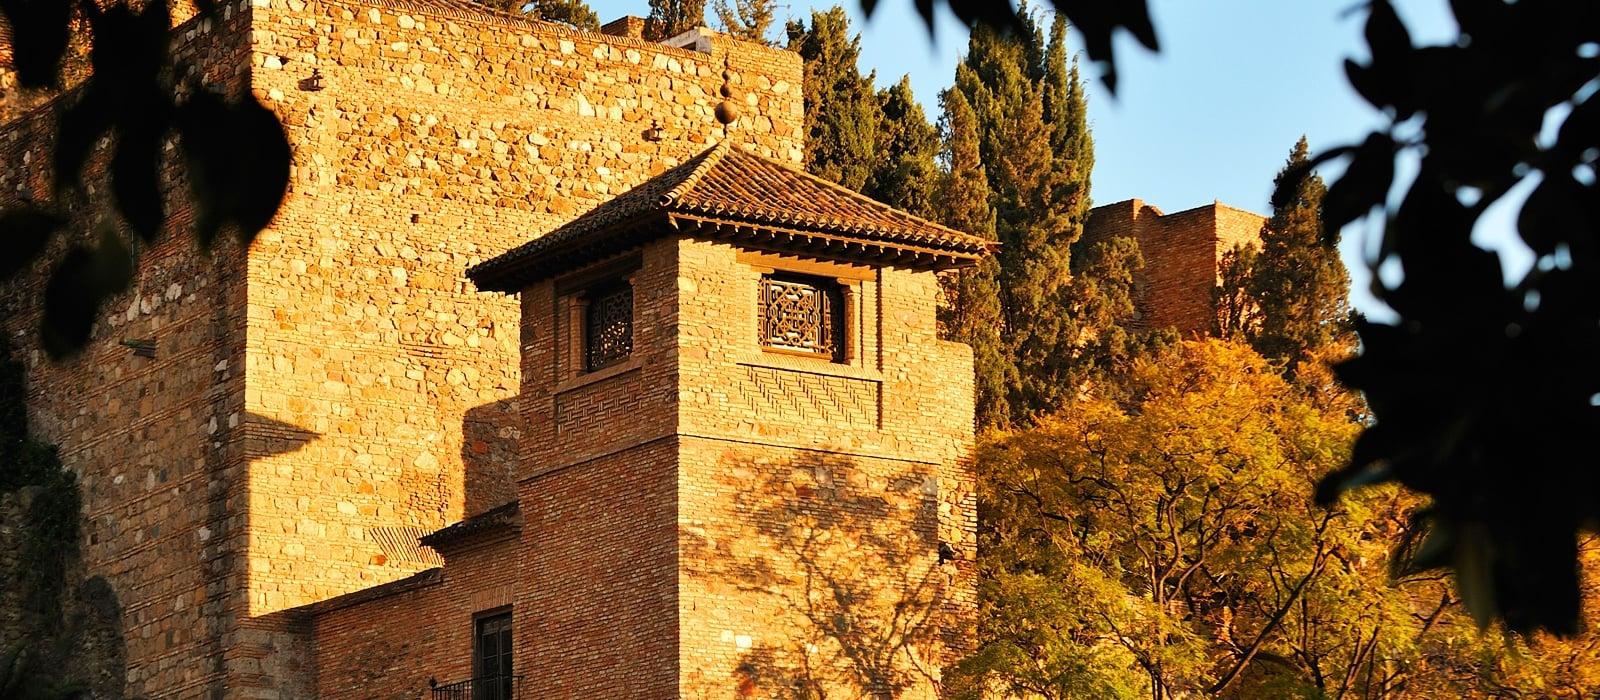 Hoteles Vincci. Die schönsten Hotels in Malaga-Stadt